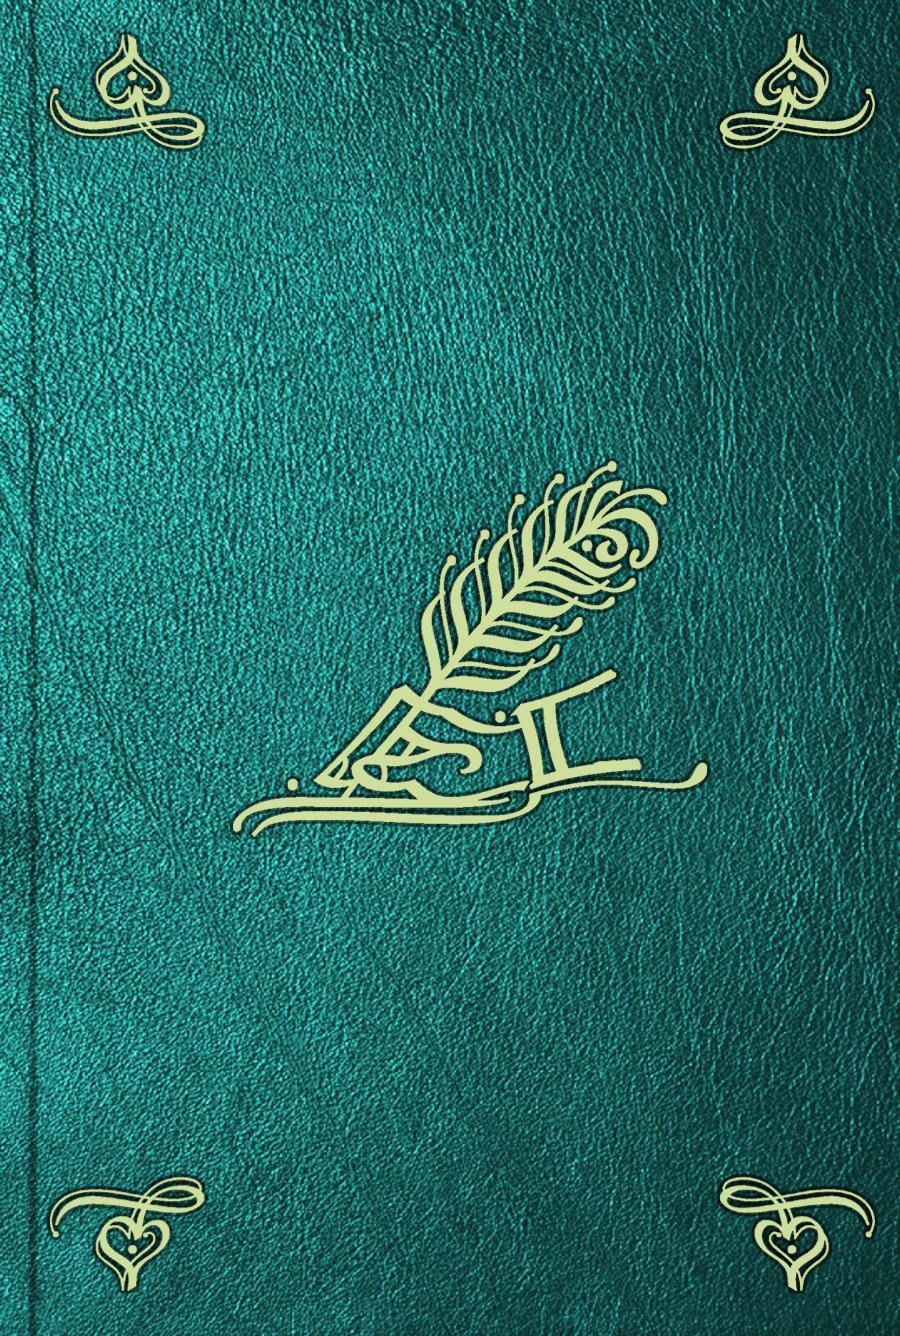 Pierre Loius Ginguené Storia della letteratura italiana. T. 12 pierre loius ginguené storia della letteratura italiana t 1